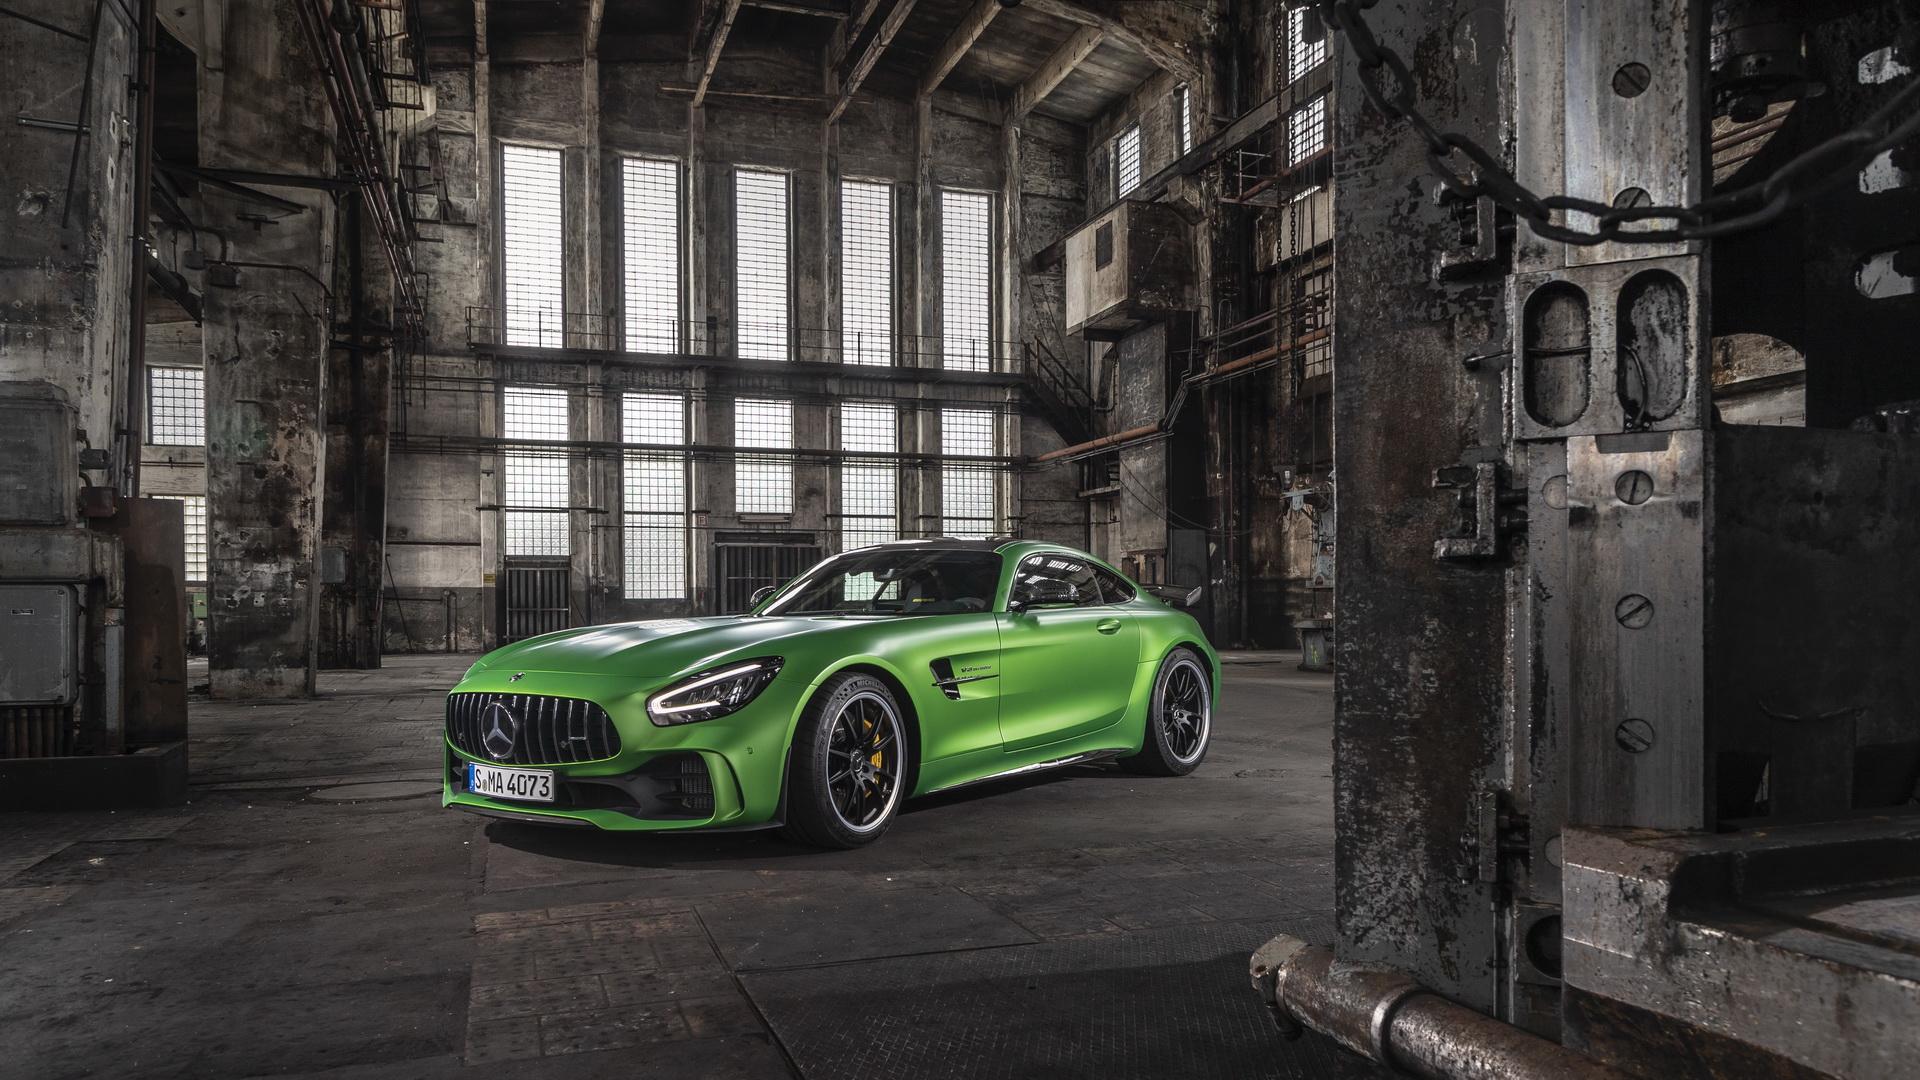 奔驰Mercedes-AMG GT R Pro 限量版 硬核车型